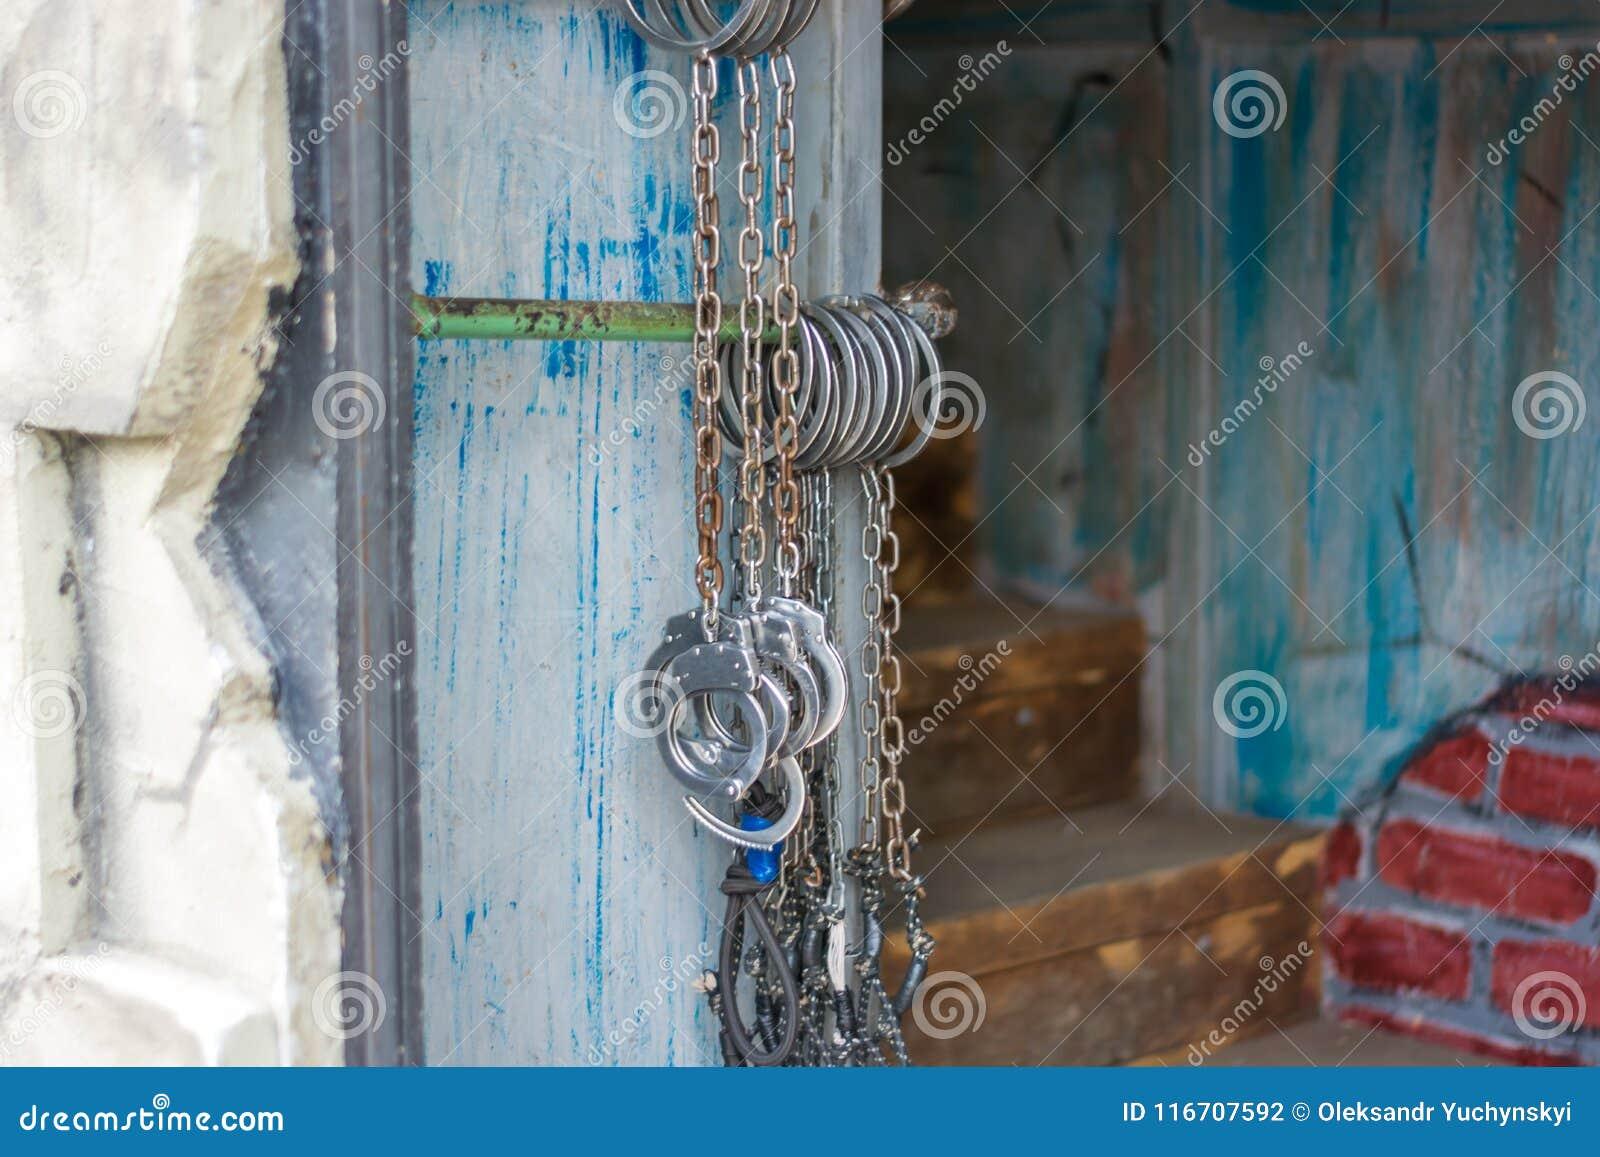 Сережки вися на стене перед входом к подземелью